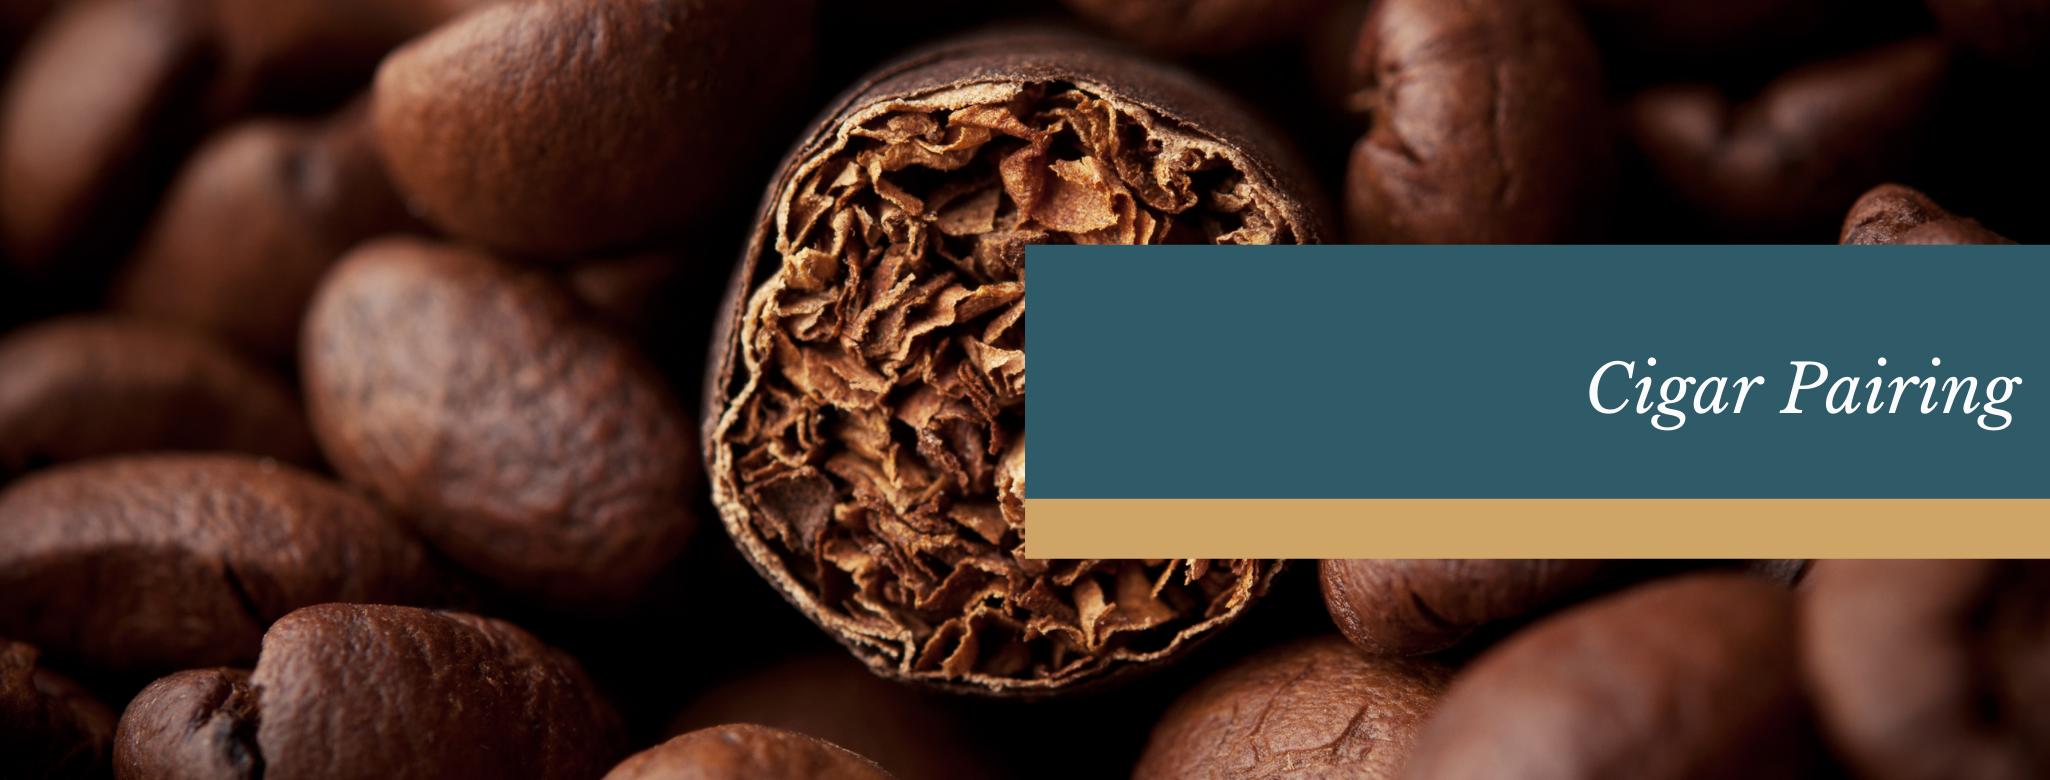 reads: cigar pairing